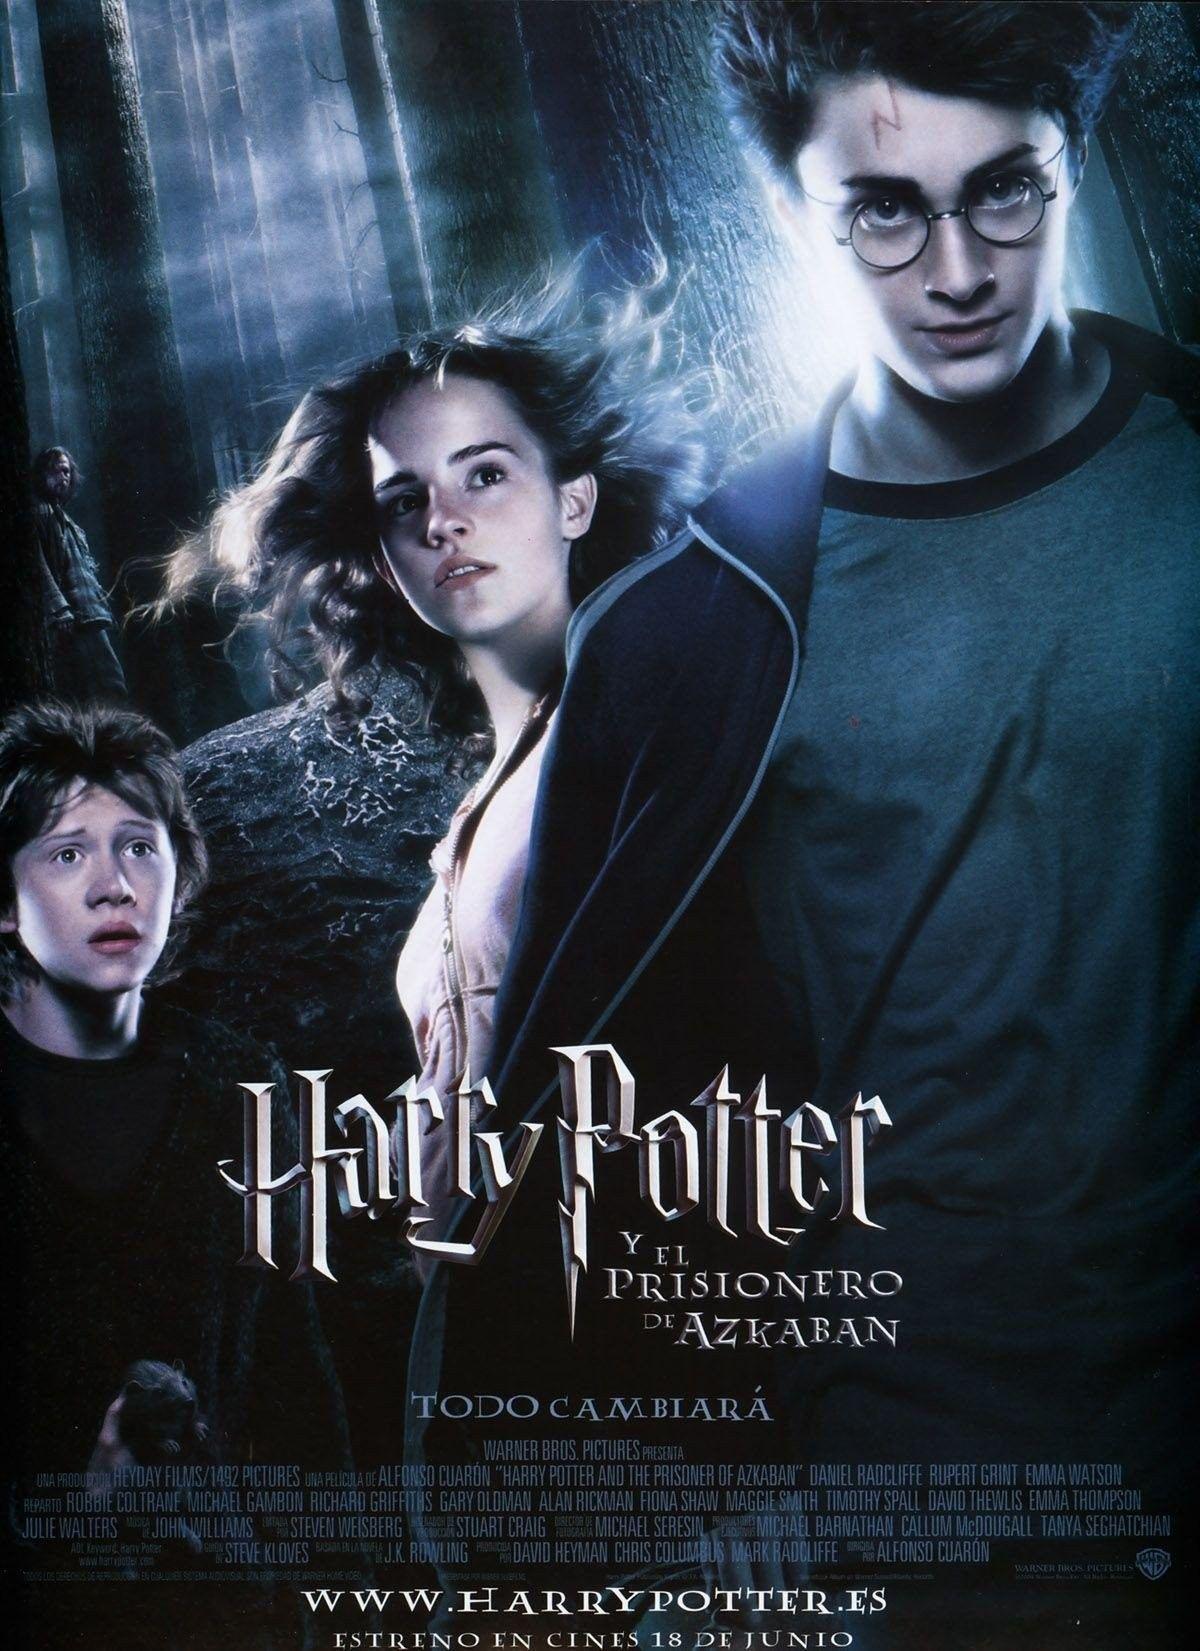 Ver Harry Potter Y El Prisionero De Azkaban Online Gratis 2004 Hd Pelicula Completa Espan Harry Potter Movies The Prisoner Of Azkaban Prisoner Of Azkaban